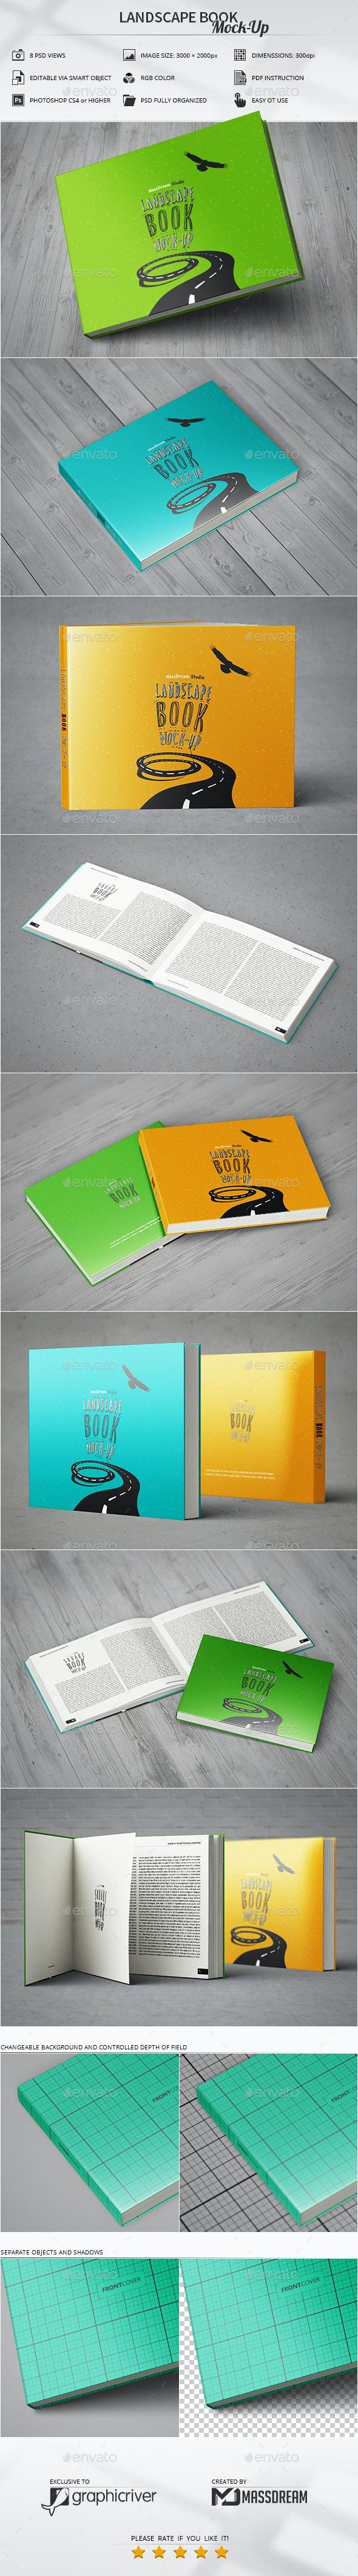 Landscape Book Mock-Up - Miscellaneous Print